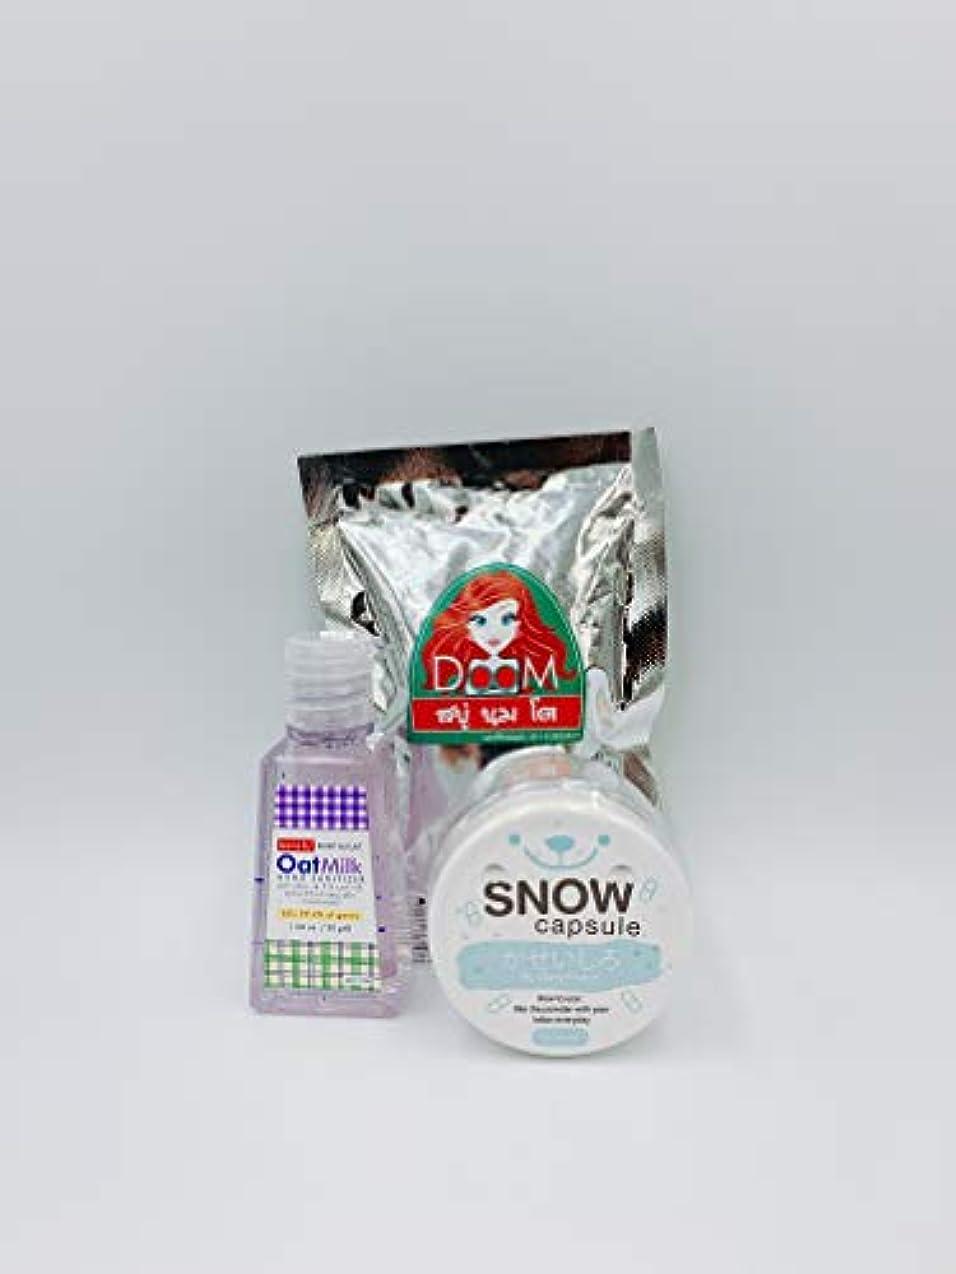 メダリスト検索図書館Bench Oat Milk HAND SANITIZER & DOOM SOAP & SNOW CAPSULE SET